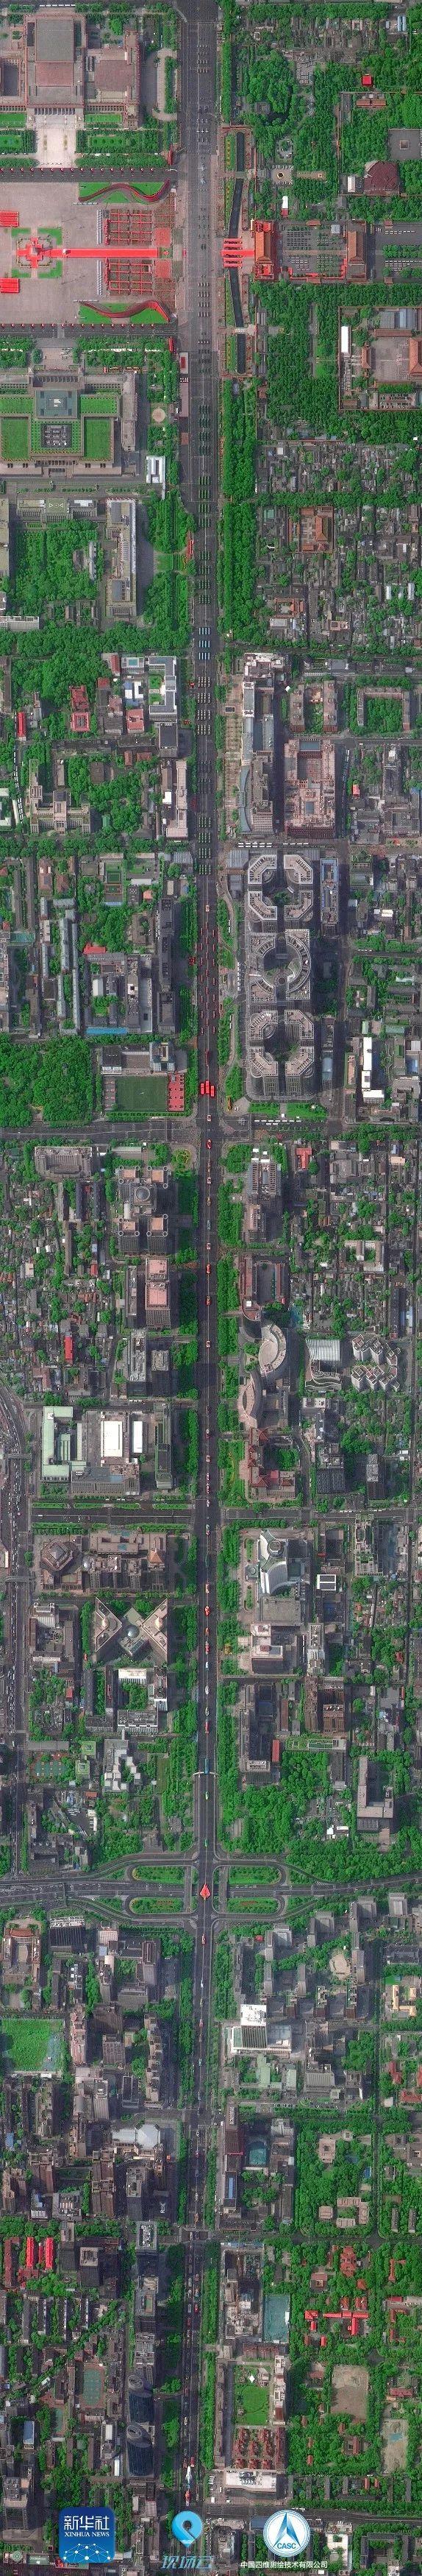 电源-多颗国产卫星俯瞰阅兵,发回长安街全画幅卫星